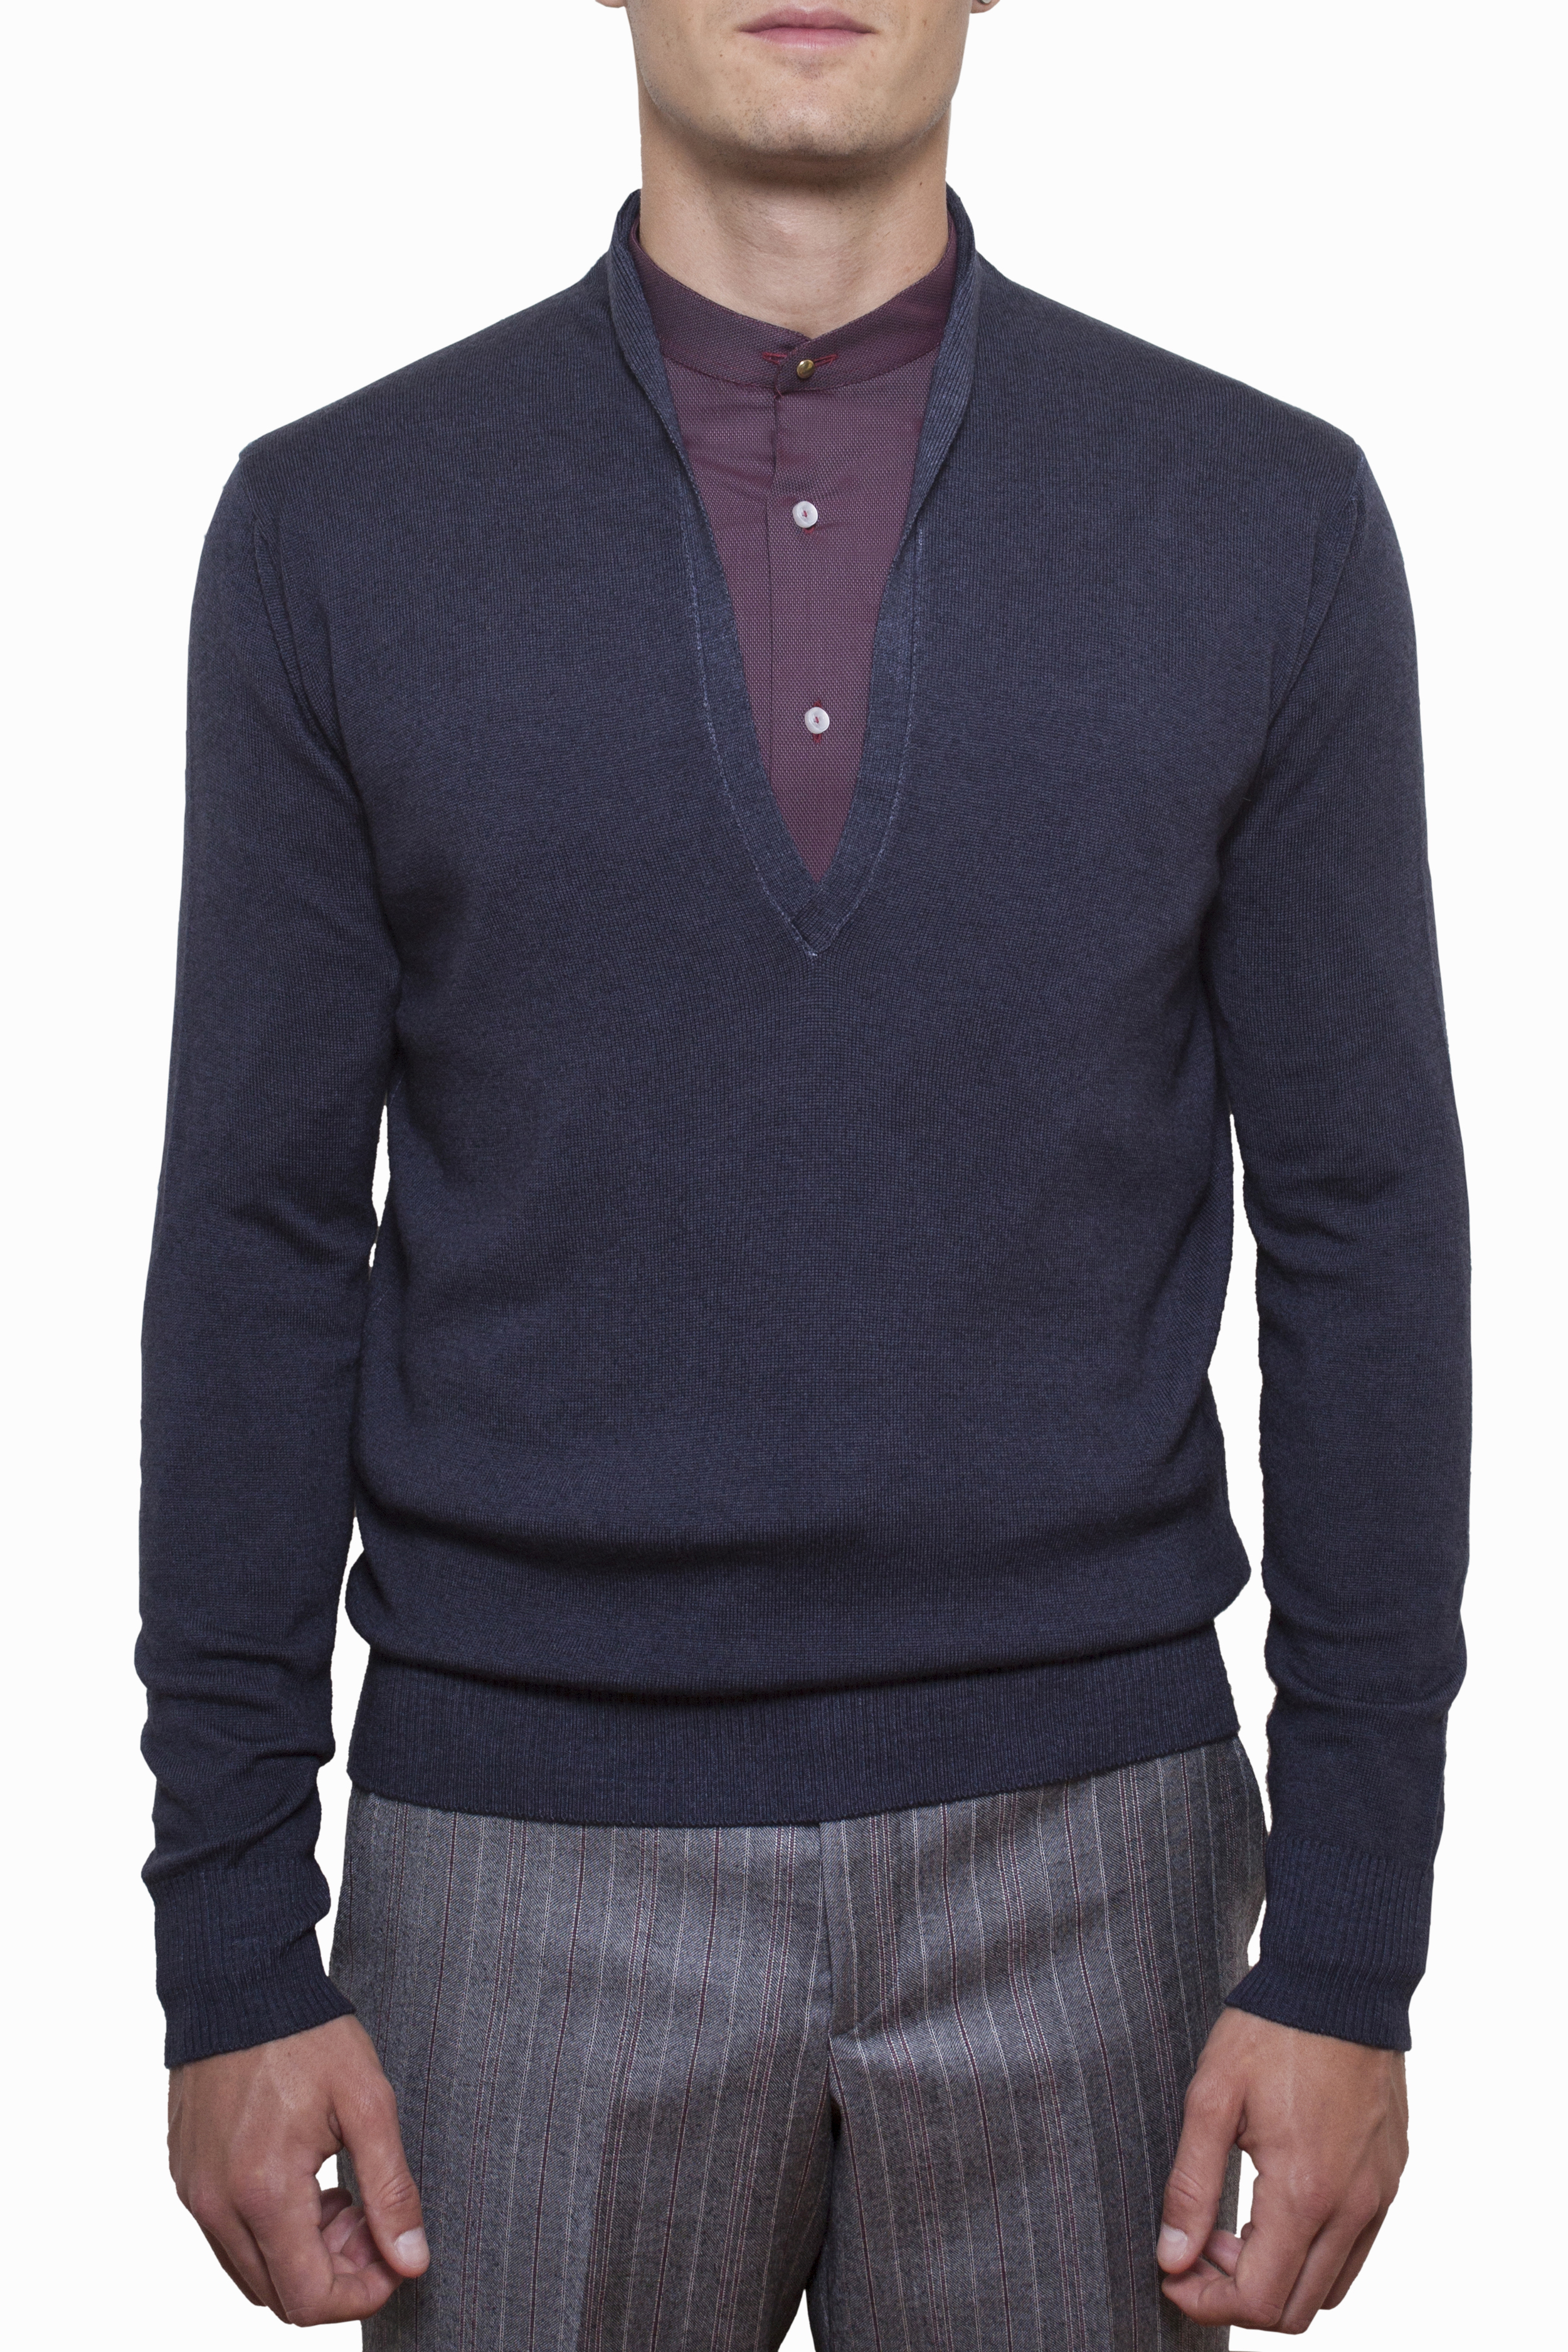 V neck sweater.jpg